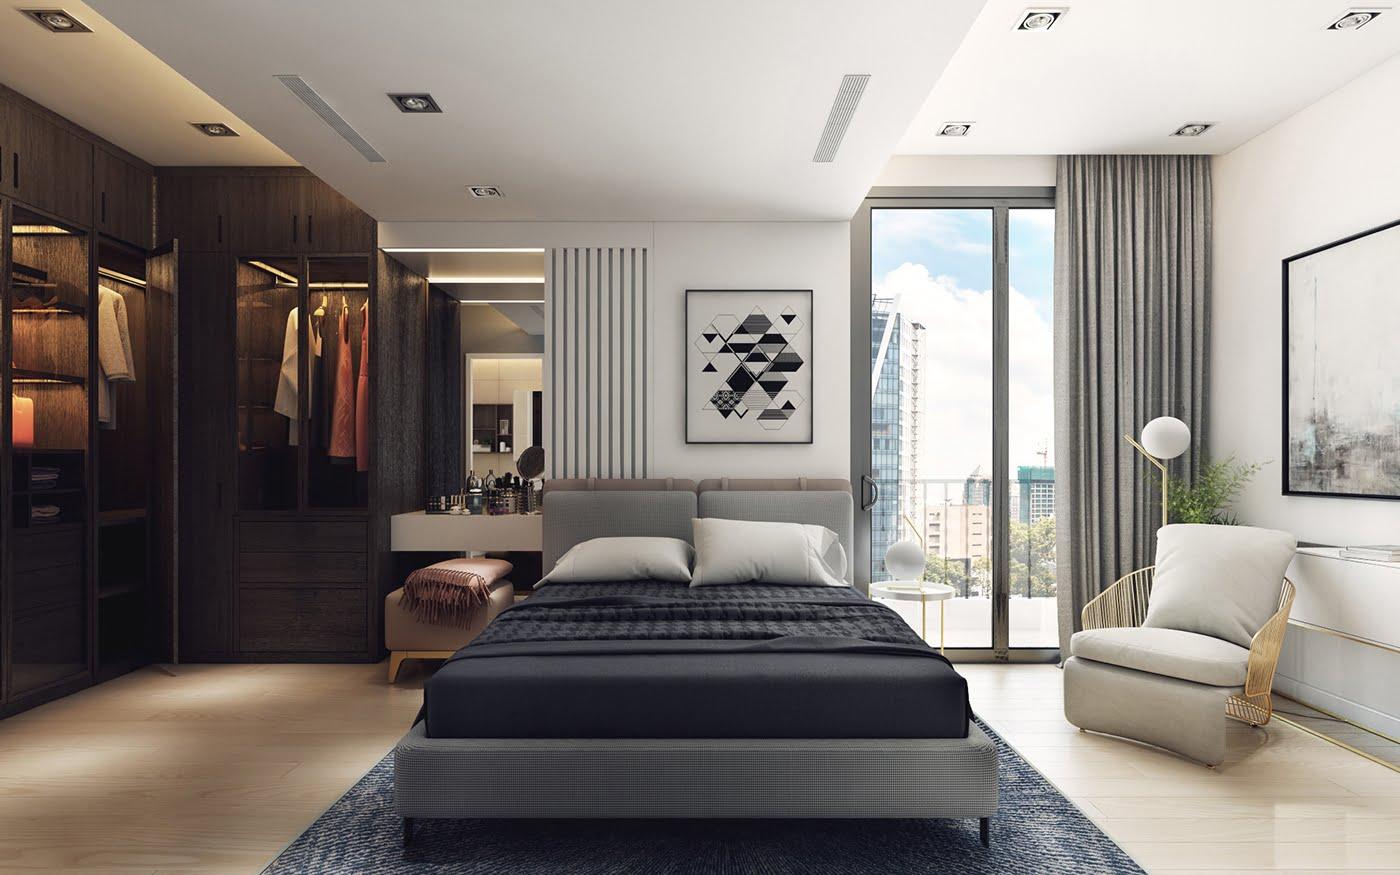 thiết kế nội thất chung cư hiện đại 23